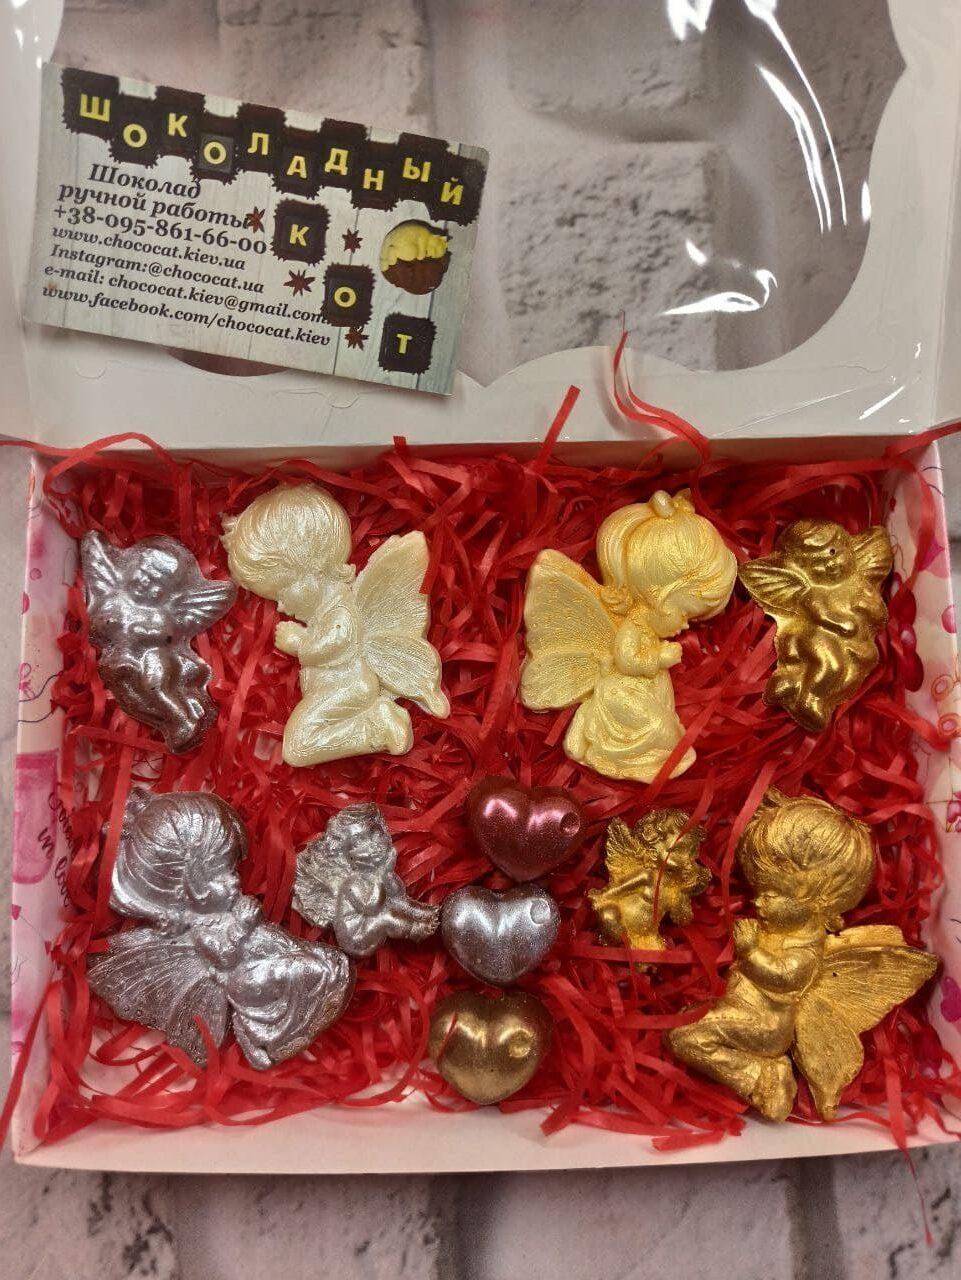 Набор шоколадных ангелов